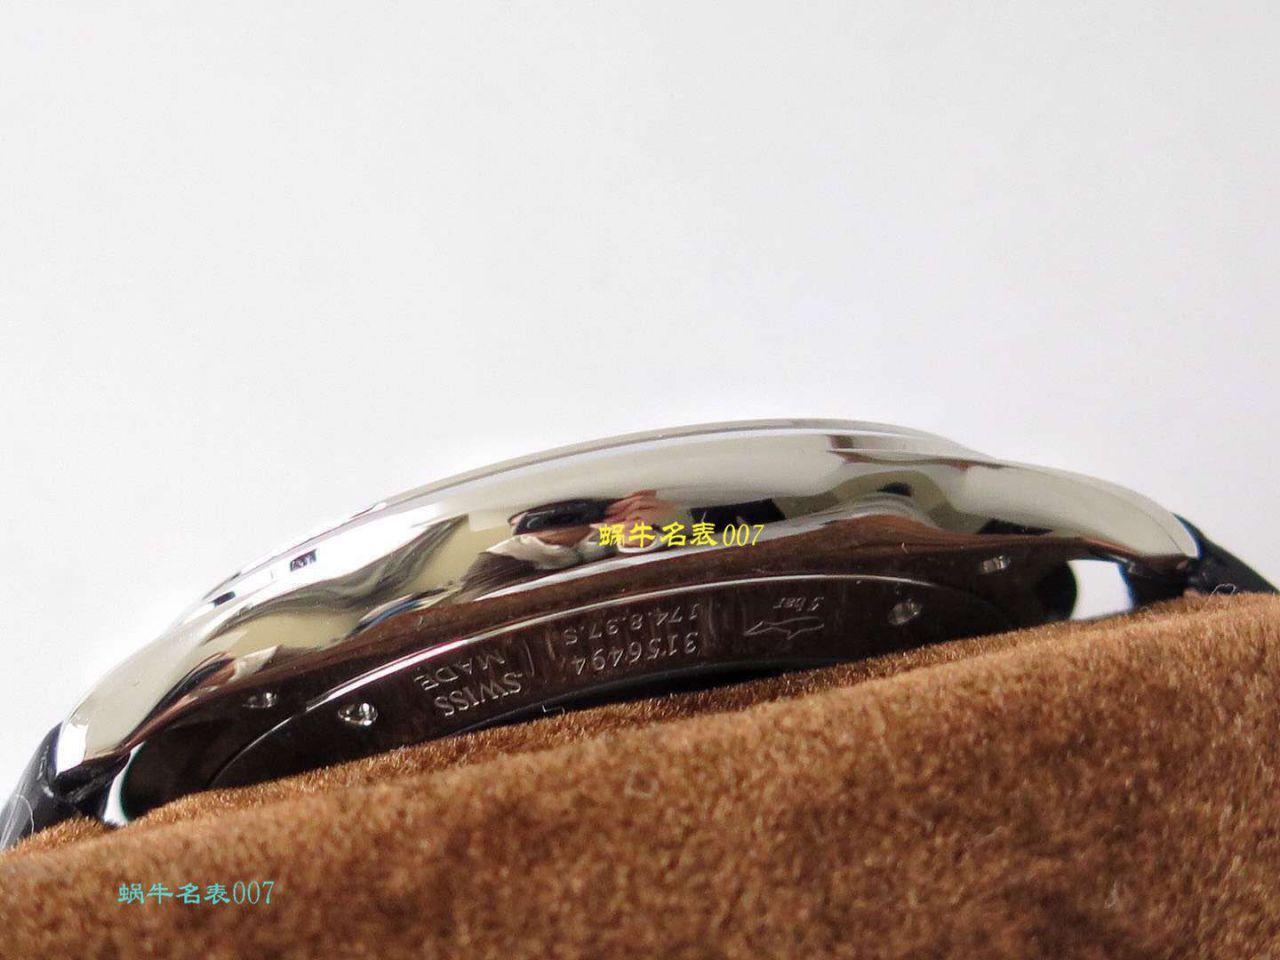 【视频评测JF厂官网复刻手表】爱彼皇家橡树系列26510OR.OO.1220OR.01陀飞轮腕表 / AP168